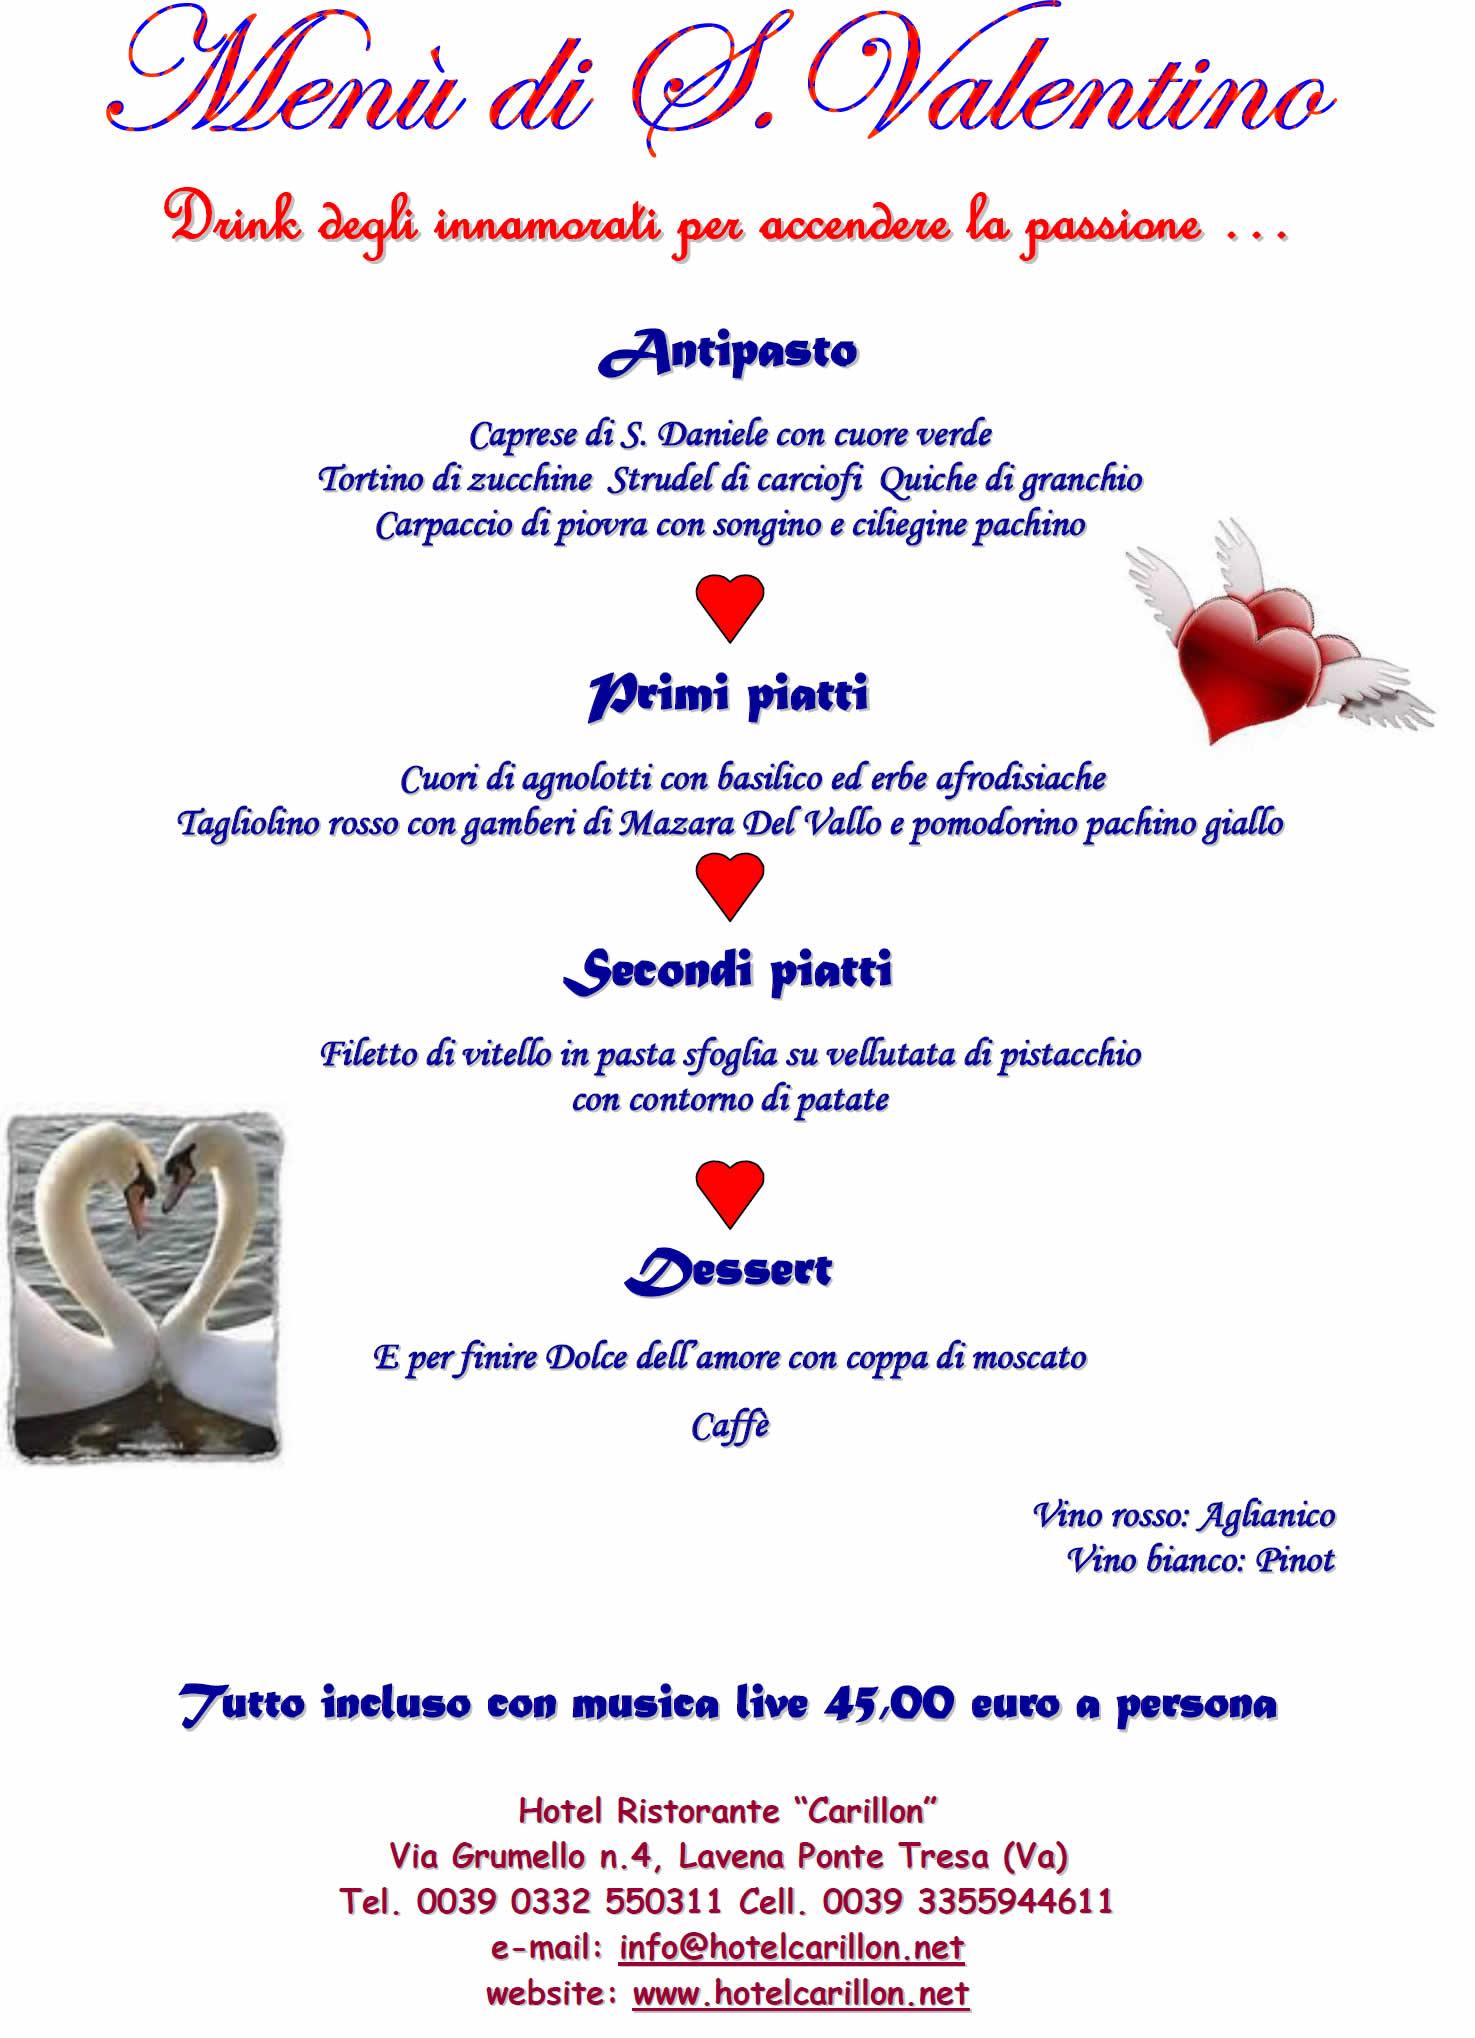 14 Febbraio menù di San Valentino